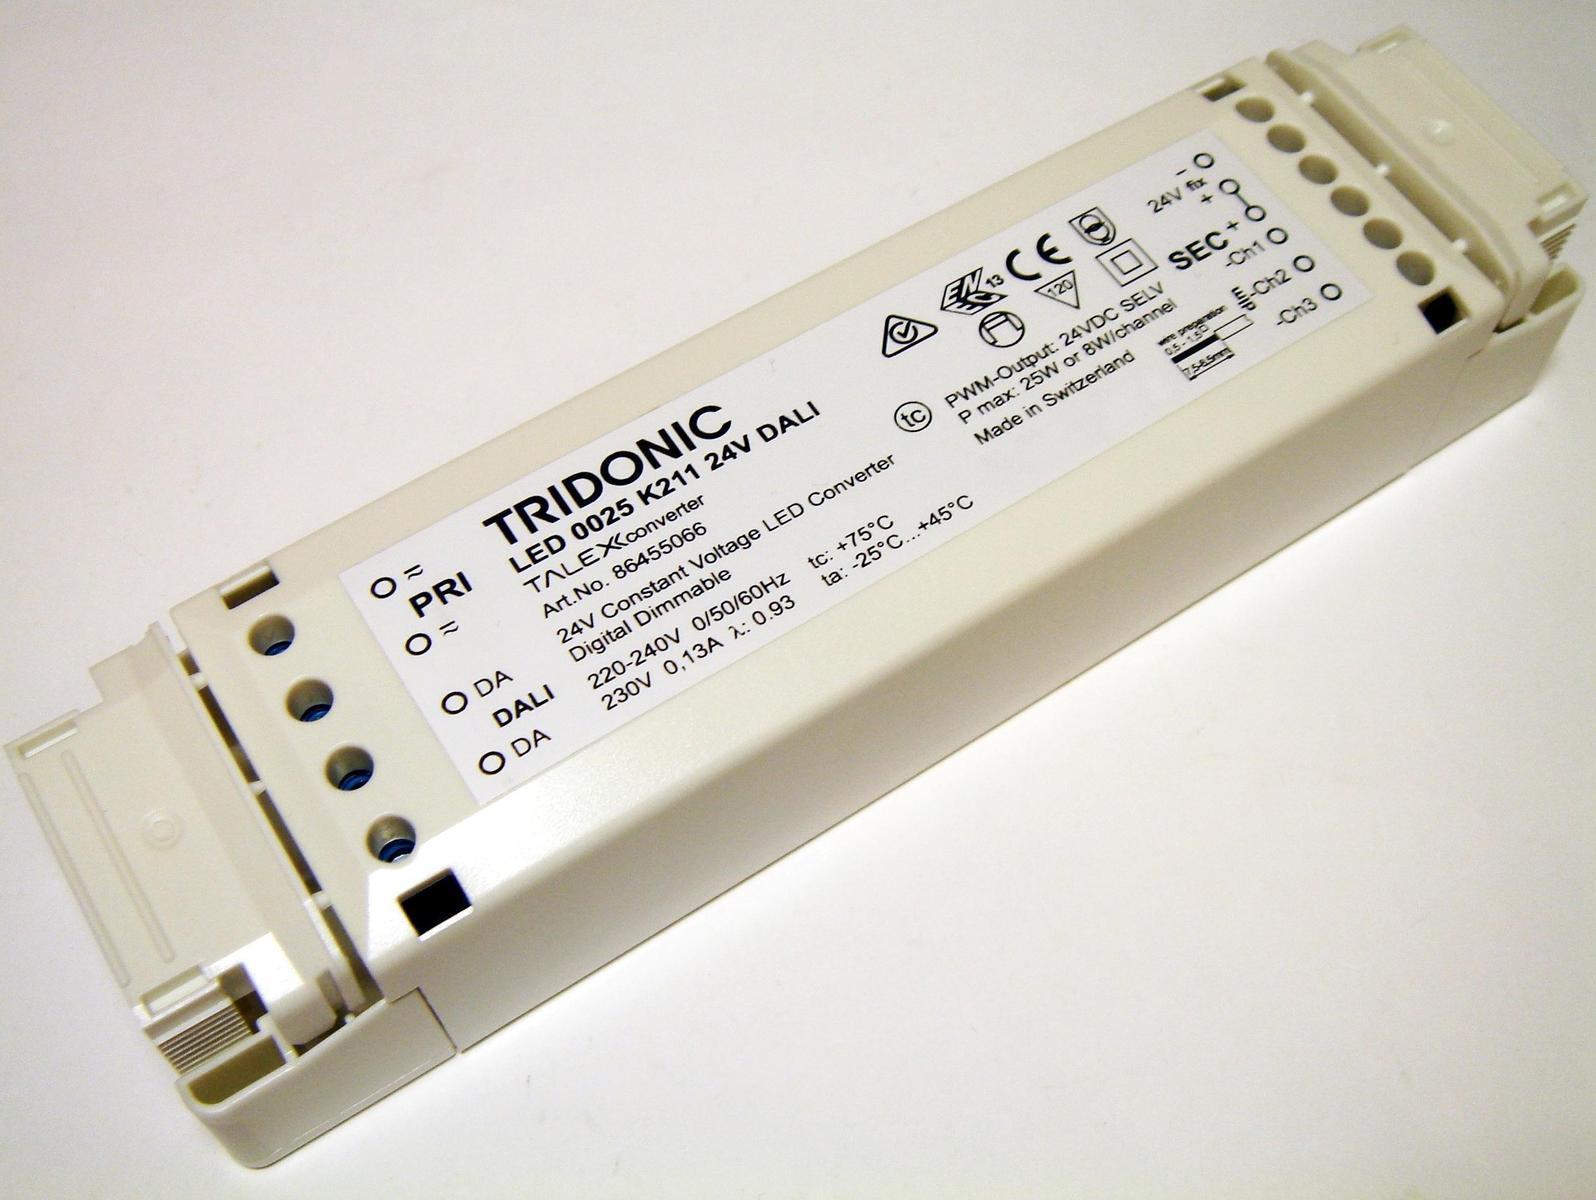 Электронный  LED  трансформатор 25Вт, 24В, Tridonic, LED 0025 K211 24V DALI, 86455066